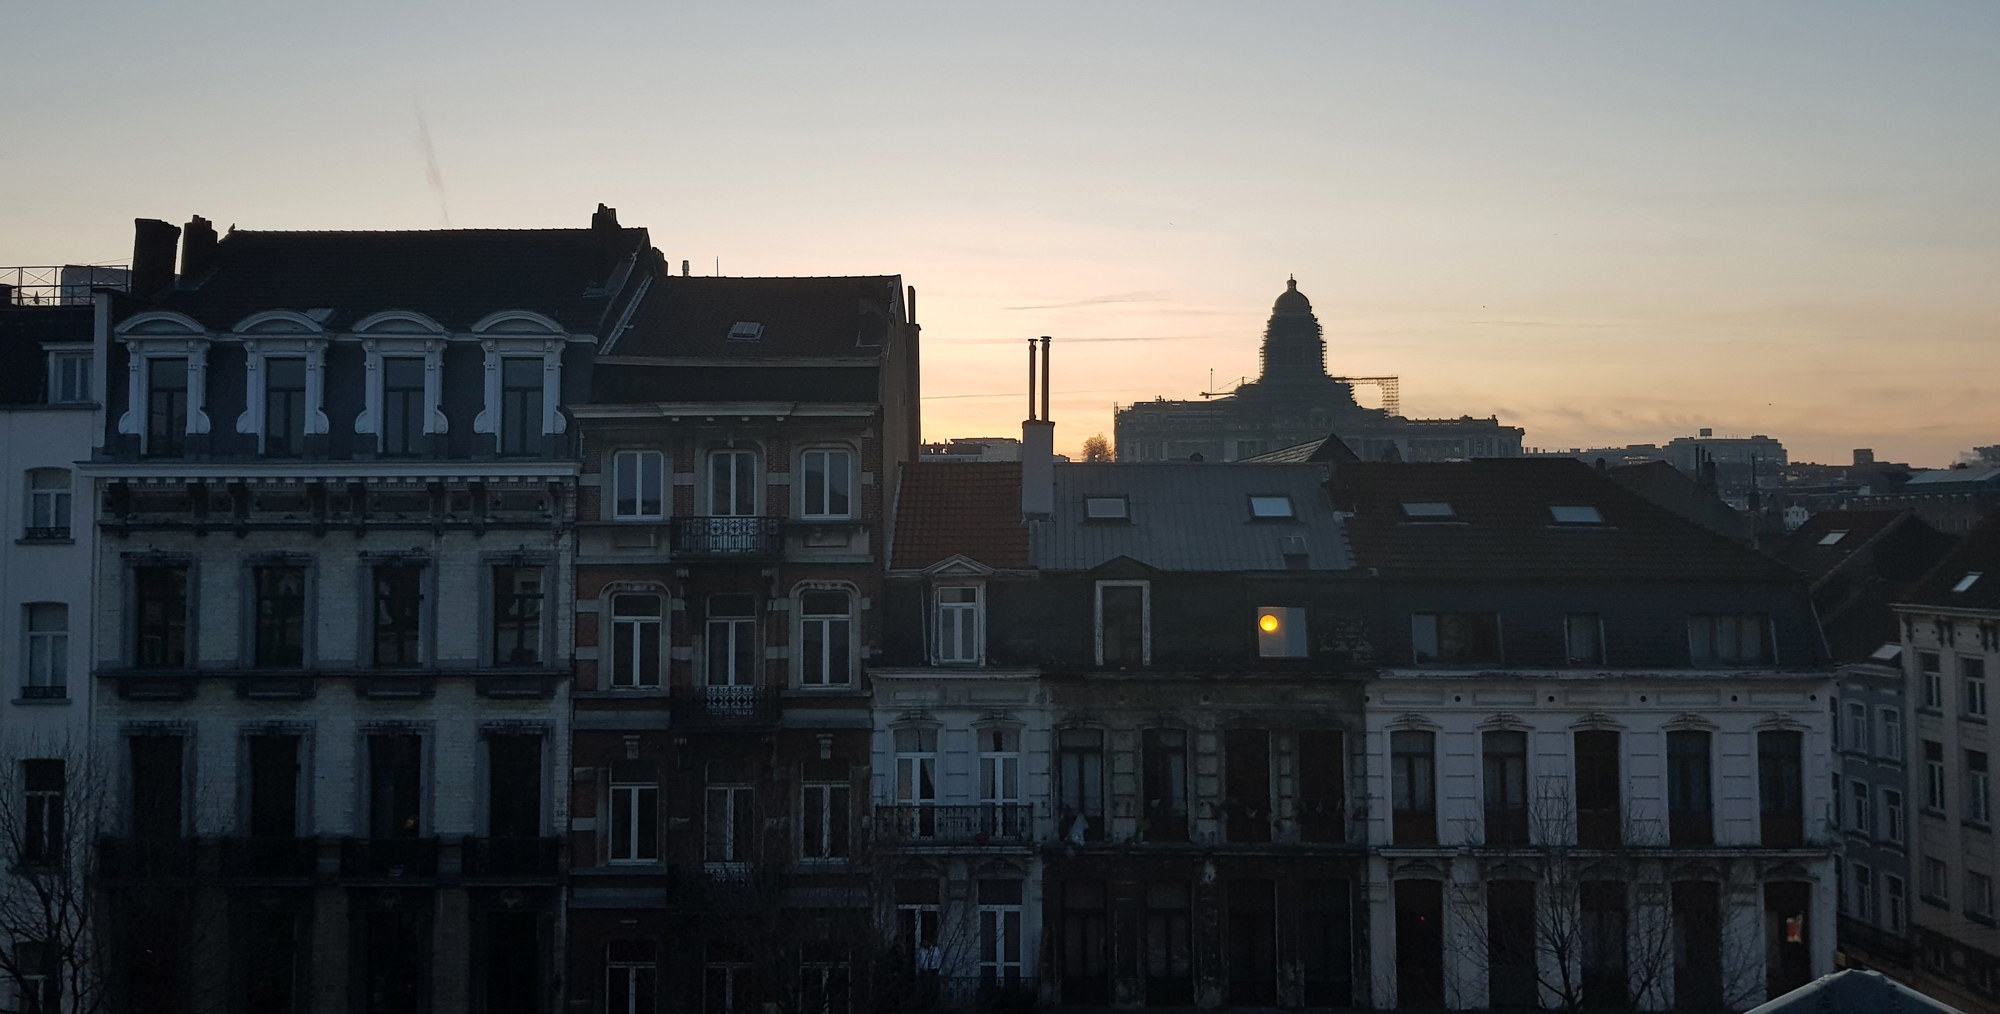 maarten greve caught moon at sunrise